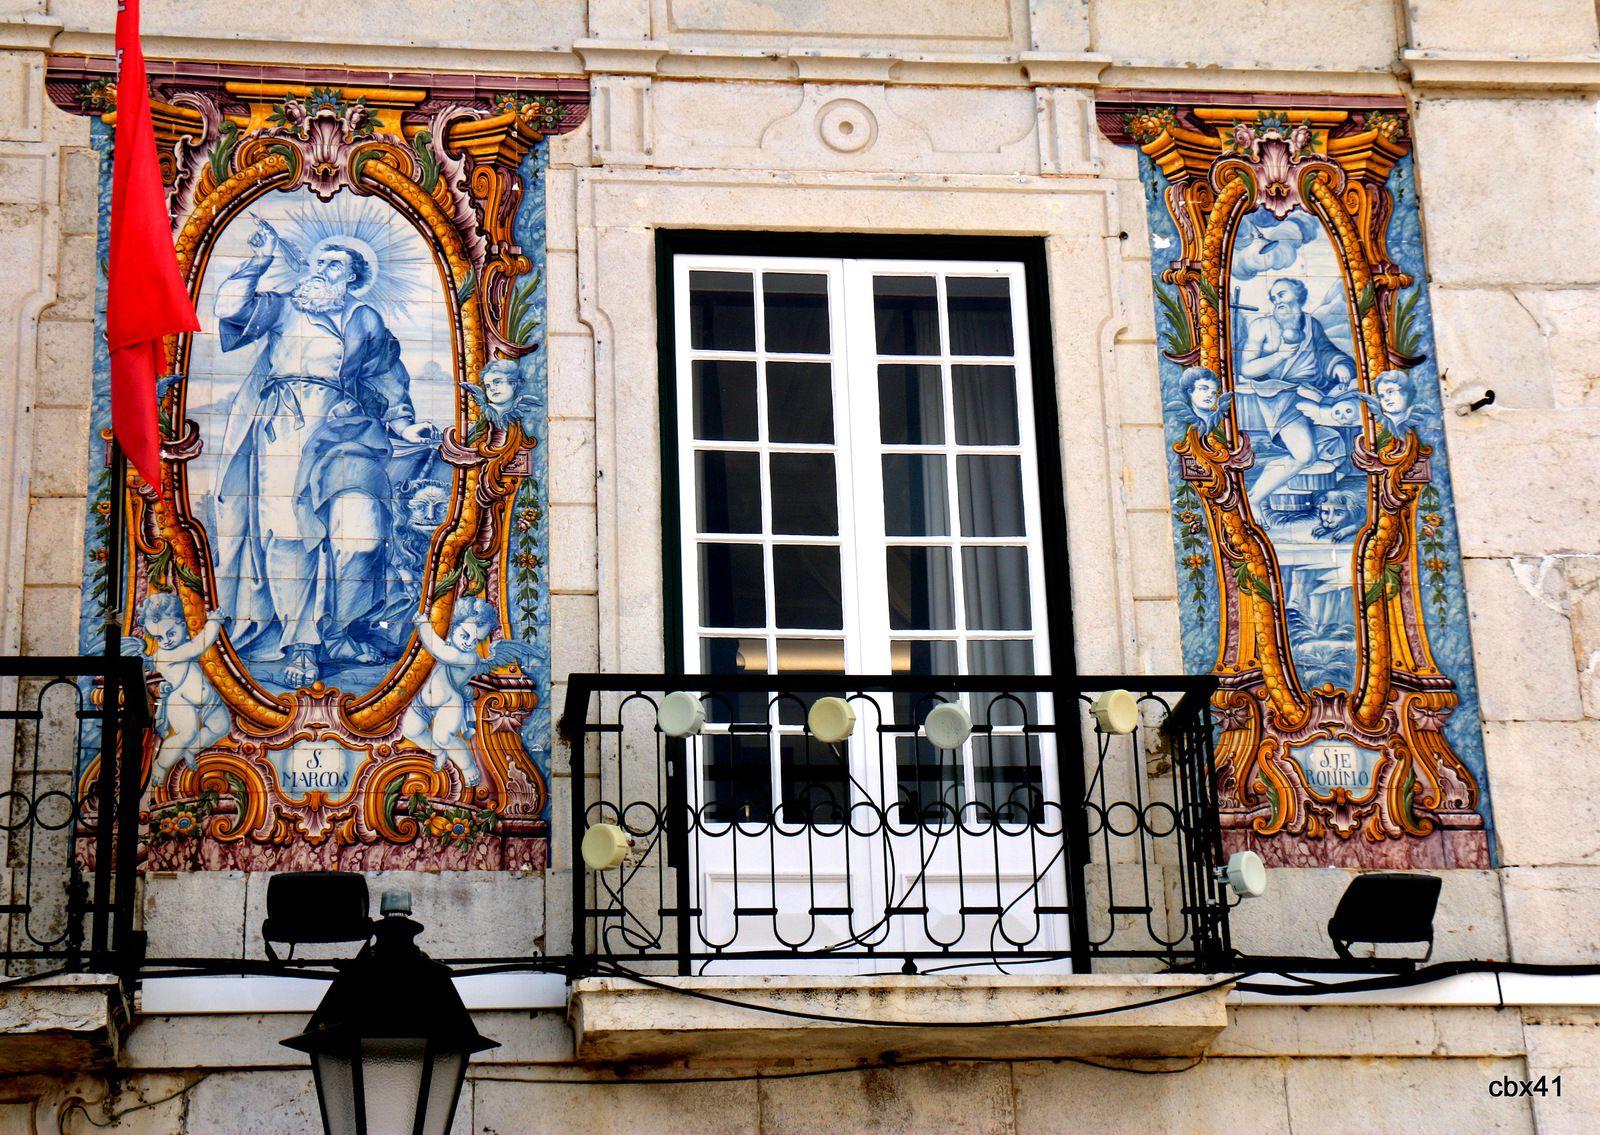 Mosaïques de la façade de la mairie de Cascais (Portugal)